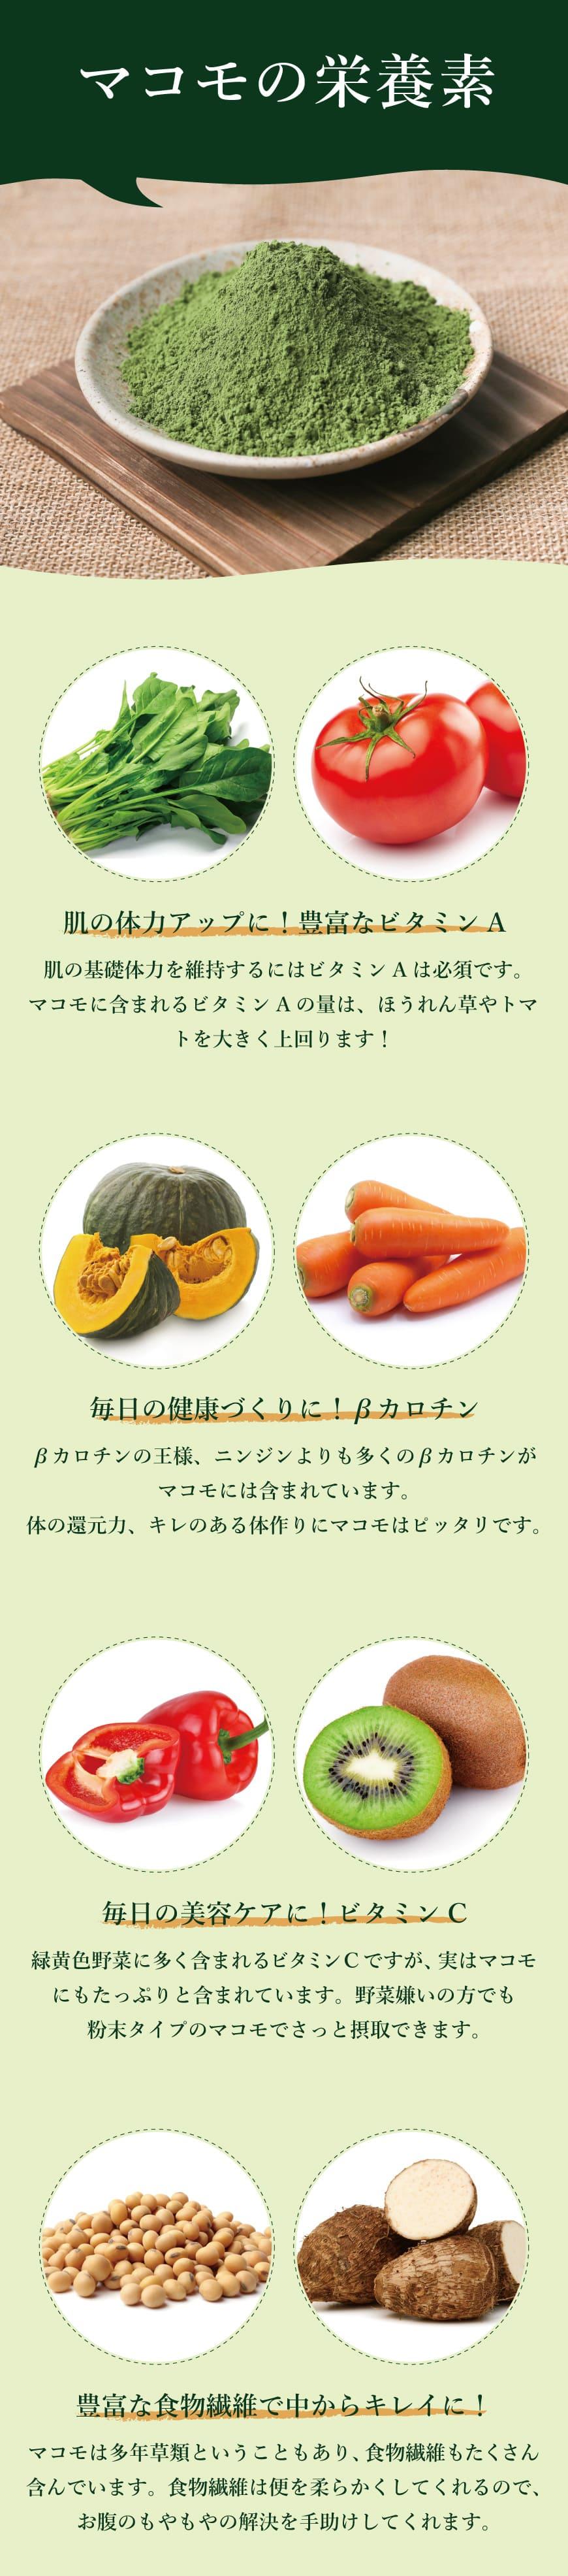 マコモの栄養素